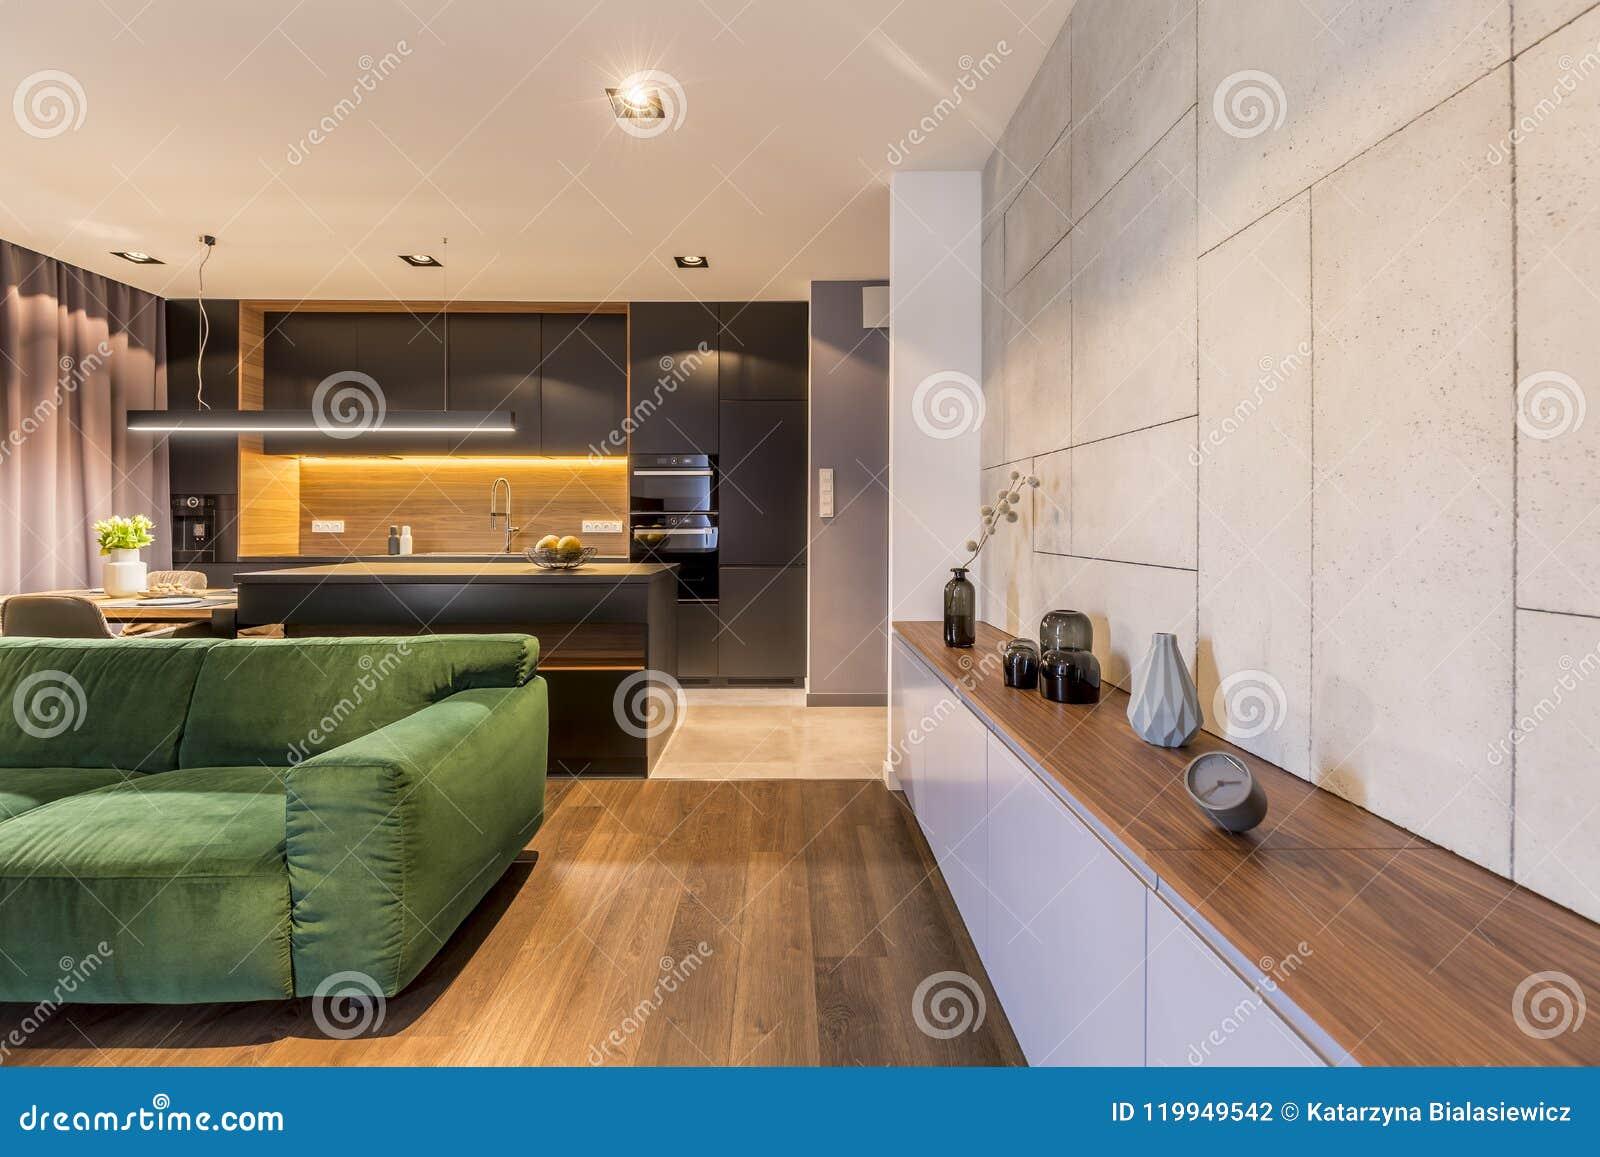 Kast met vazen en klok in modern elegant woonkamerbinnenland met